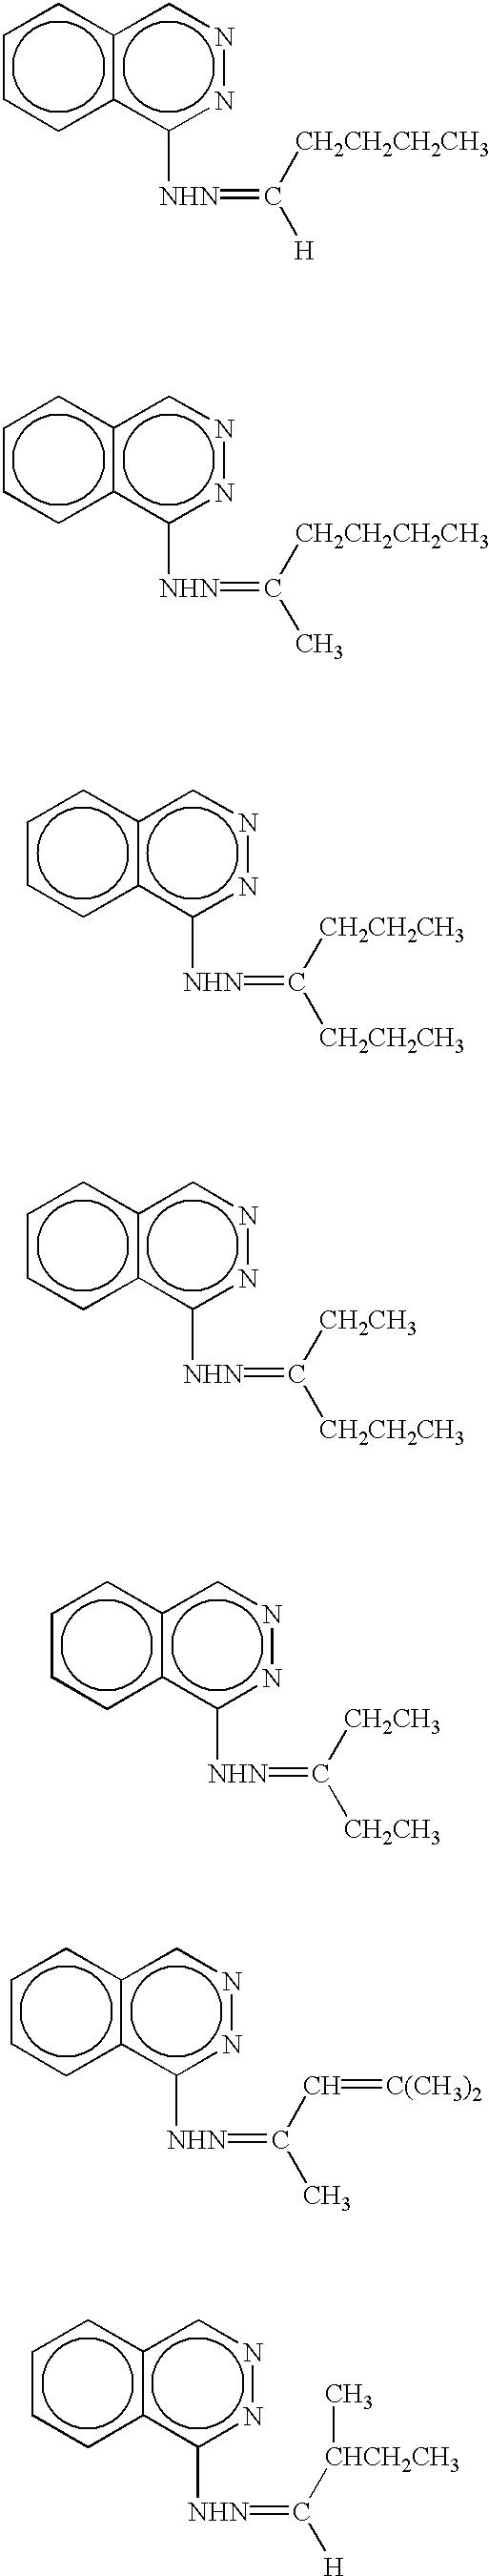 Figure US06825196-20041130-C00045